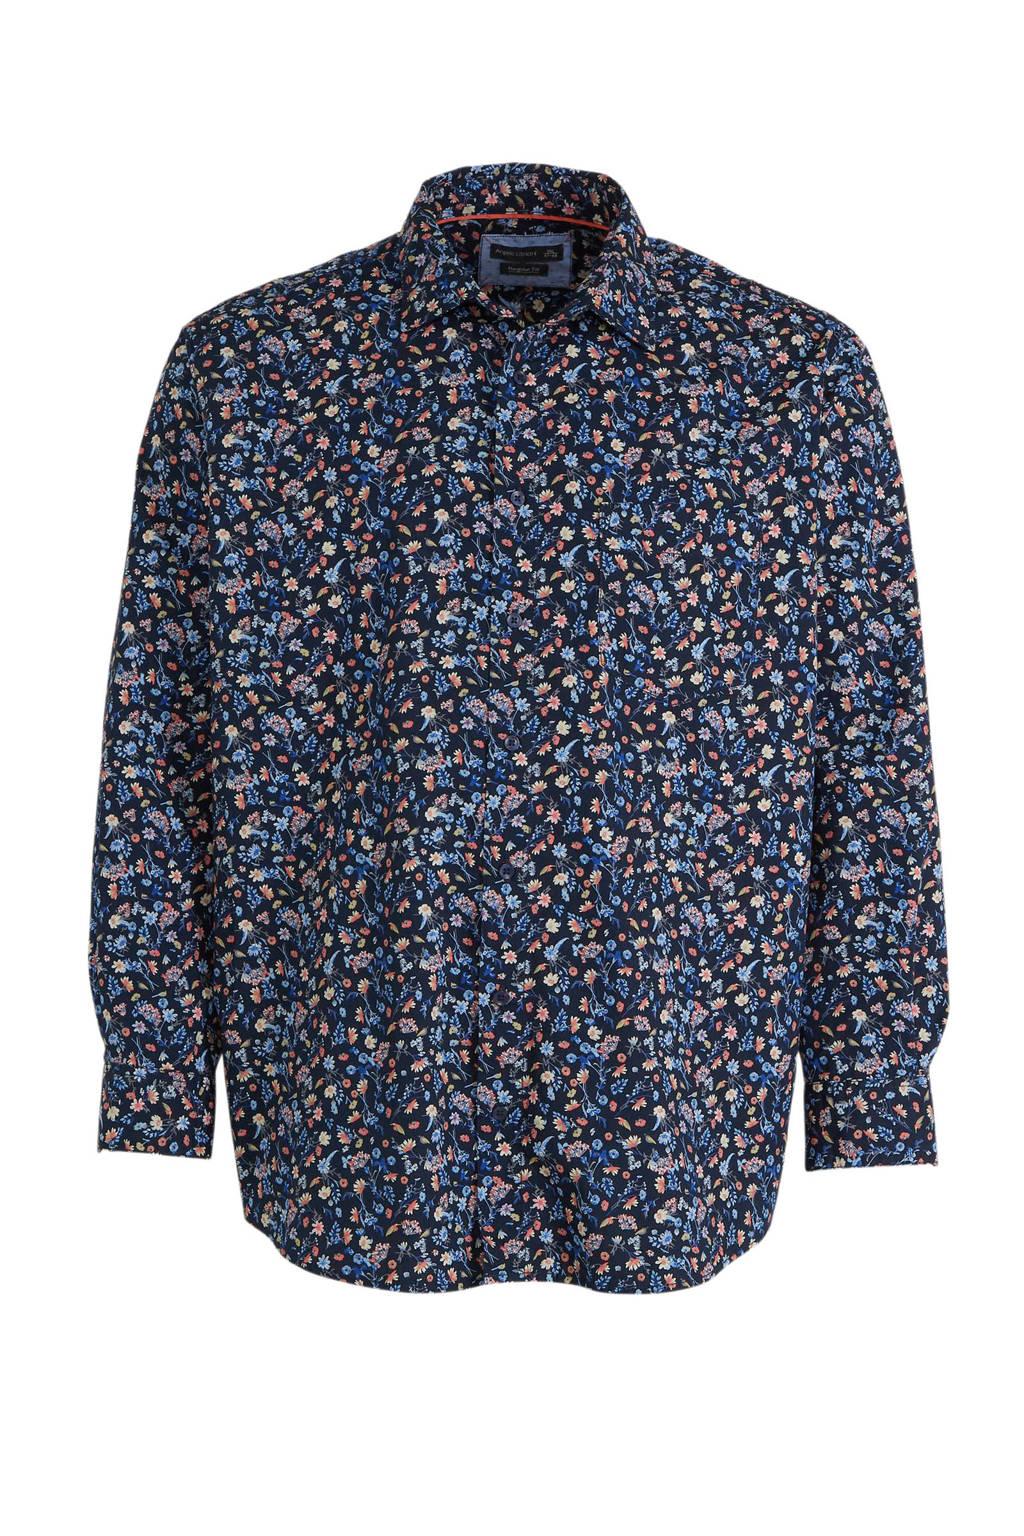 C&A XL Angelo Litrico gebloemd regular fit overhemd van biologisch katoen donkerblauw, Donkerblauw